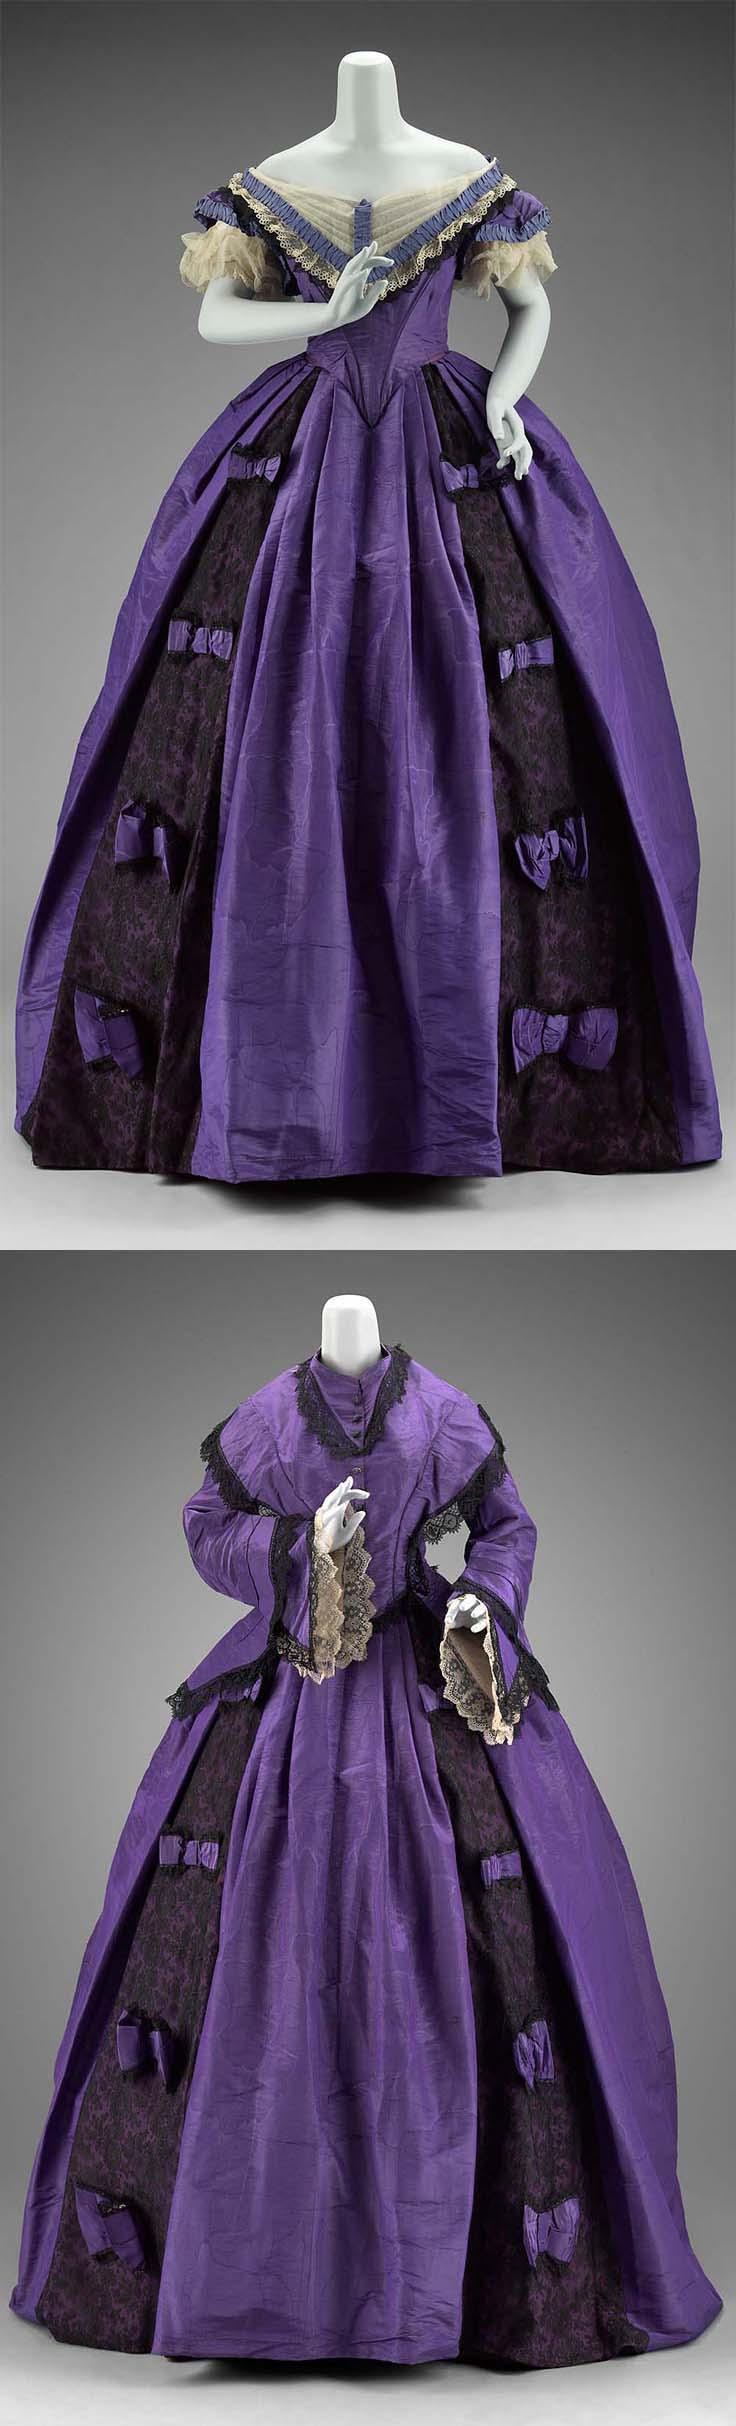 American dress, 1860s, worn by Jessie Benton Fremont